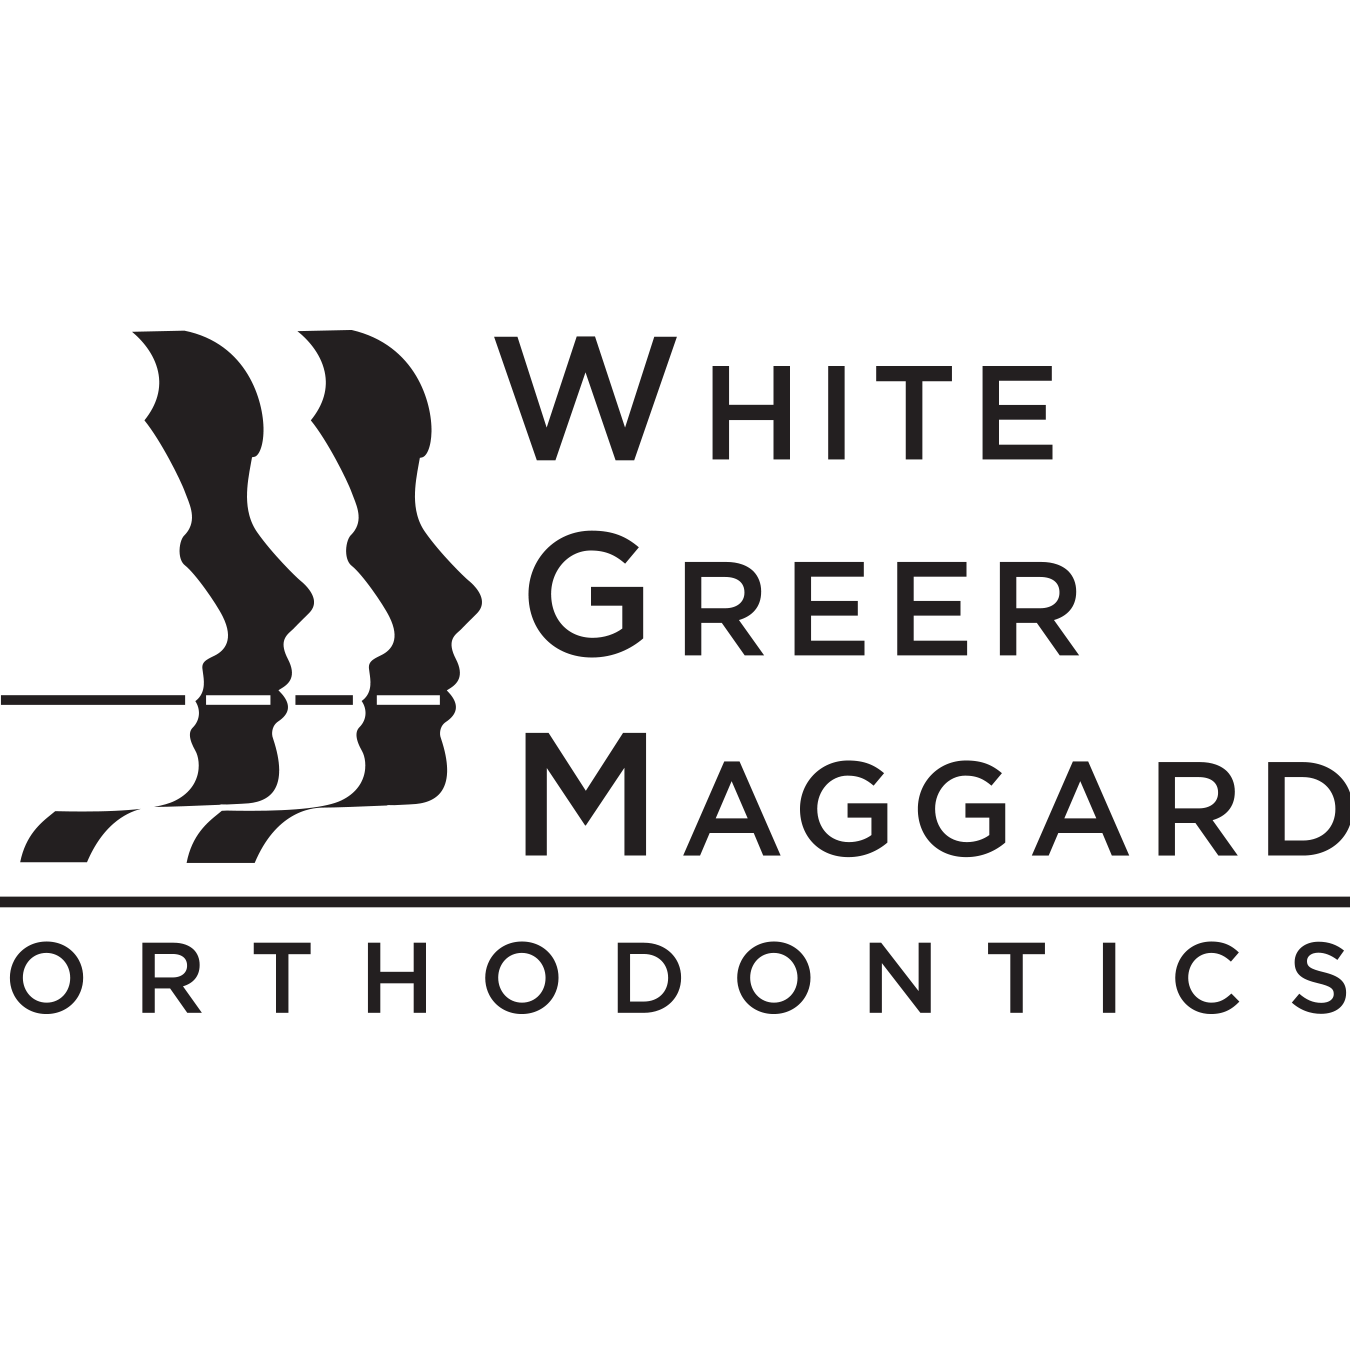 White, Greer & Maggard Orthodontics